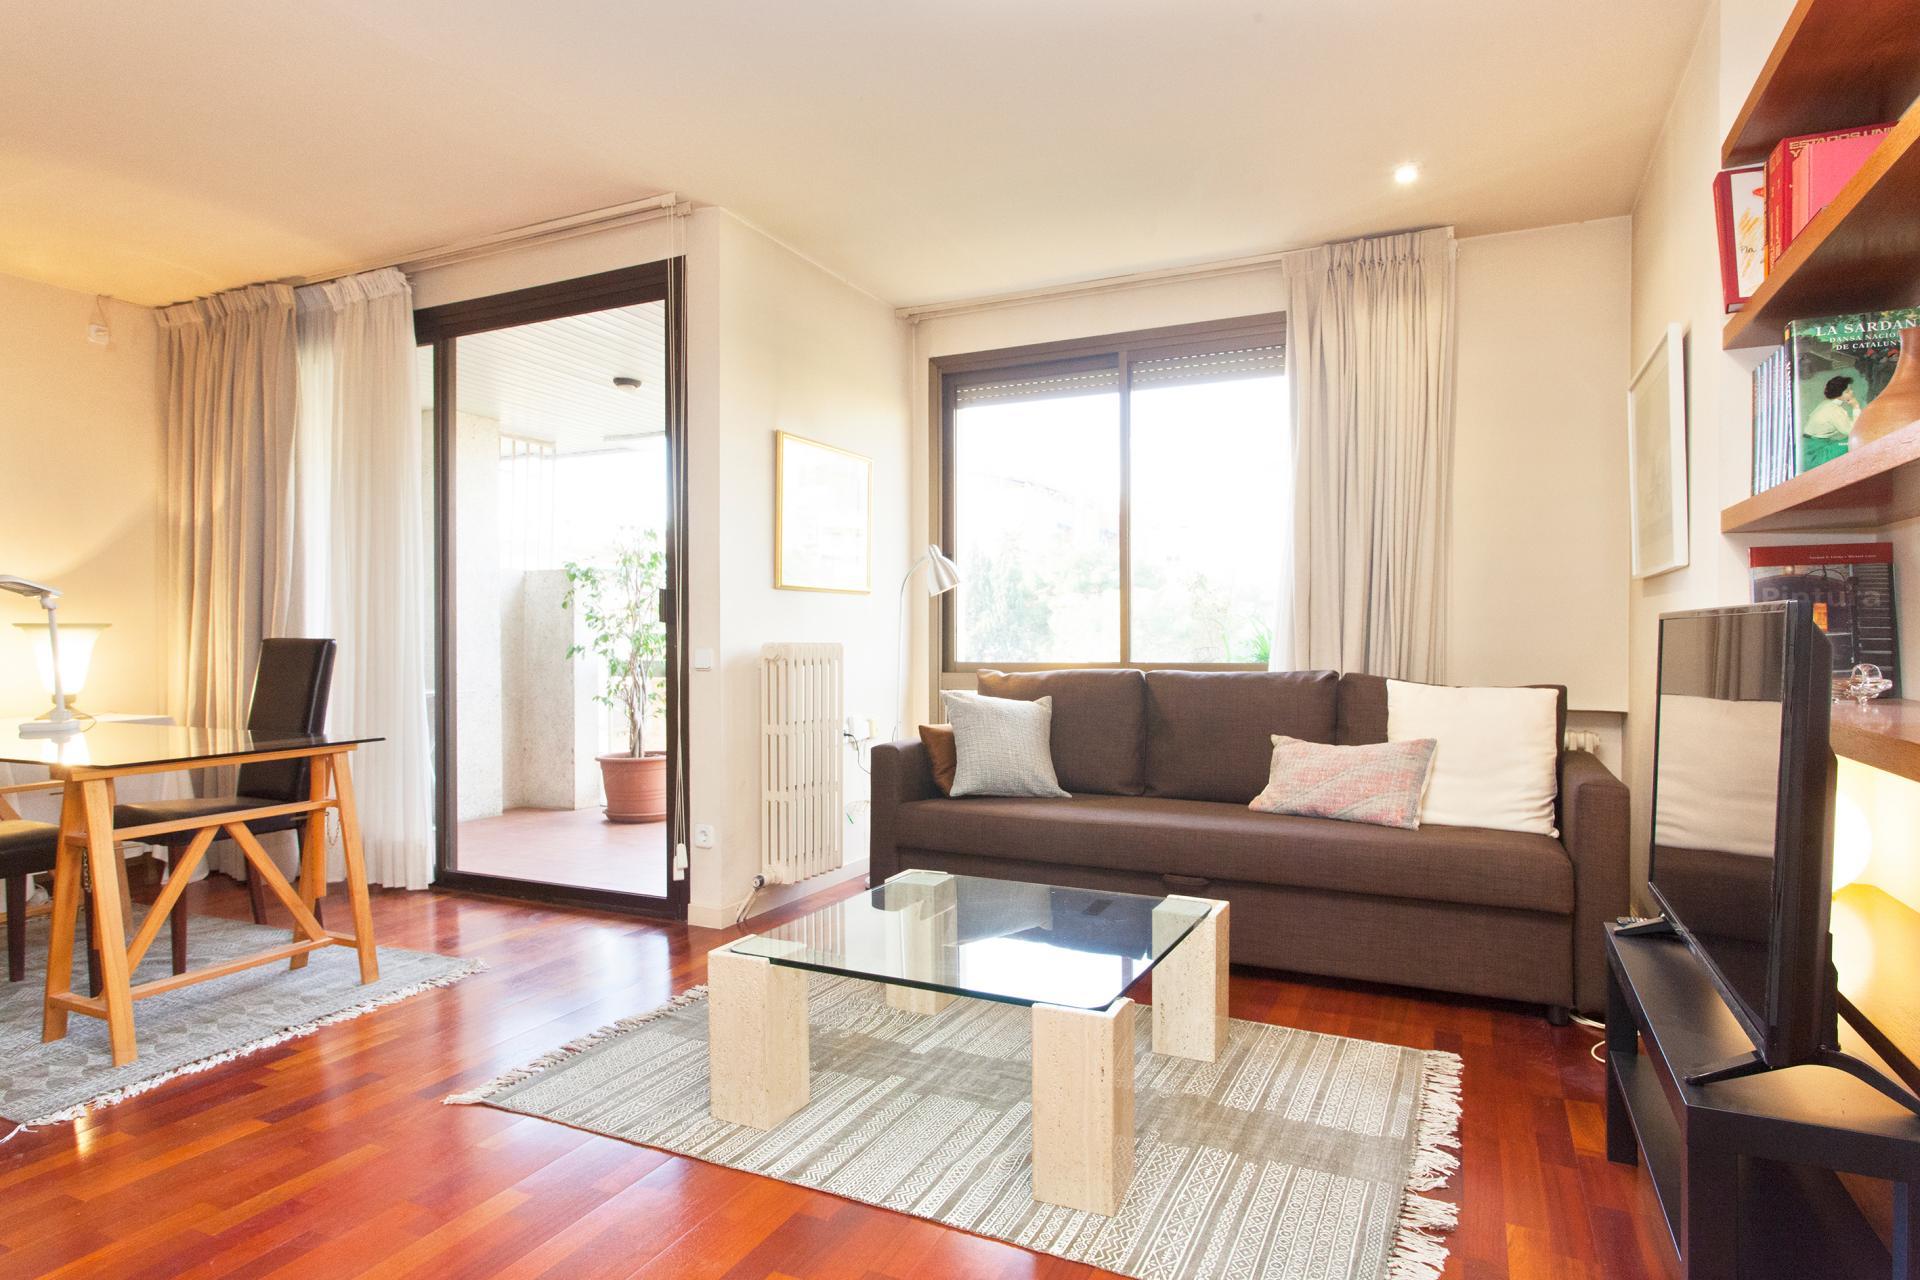 Wohnung zur Miete in Barcelona Maignon - Lesseps